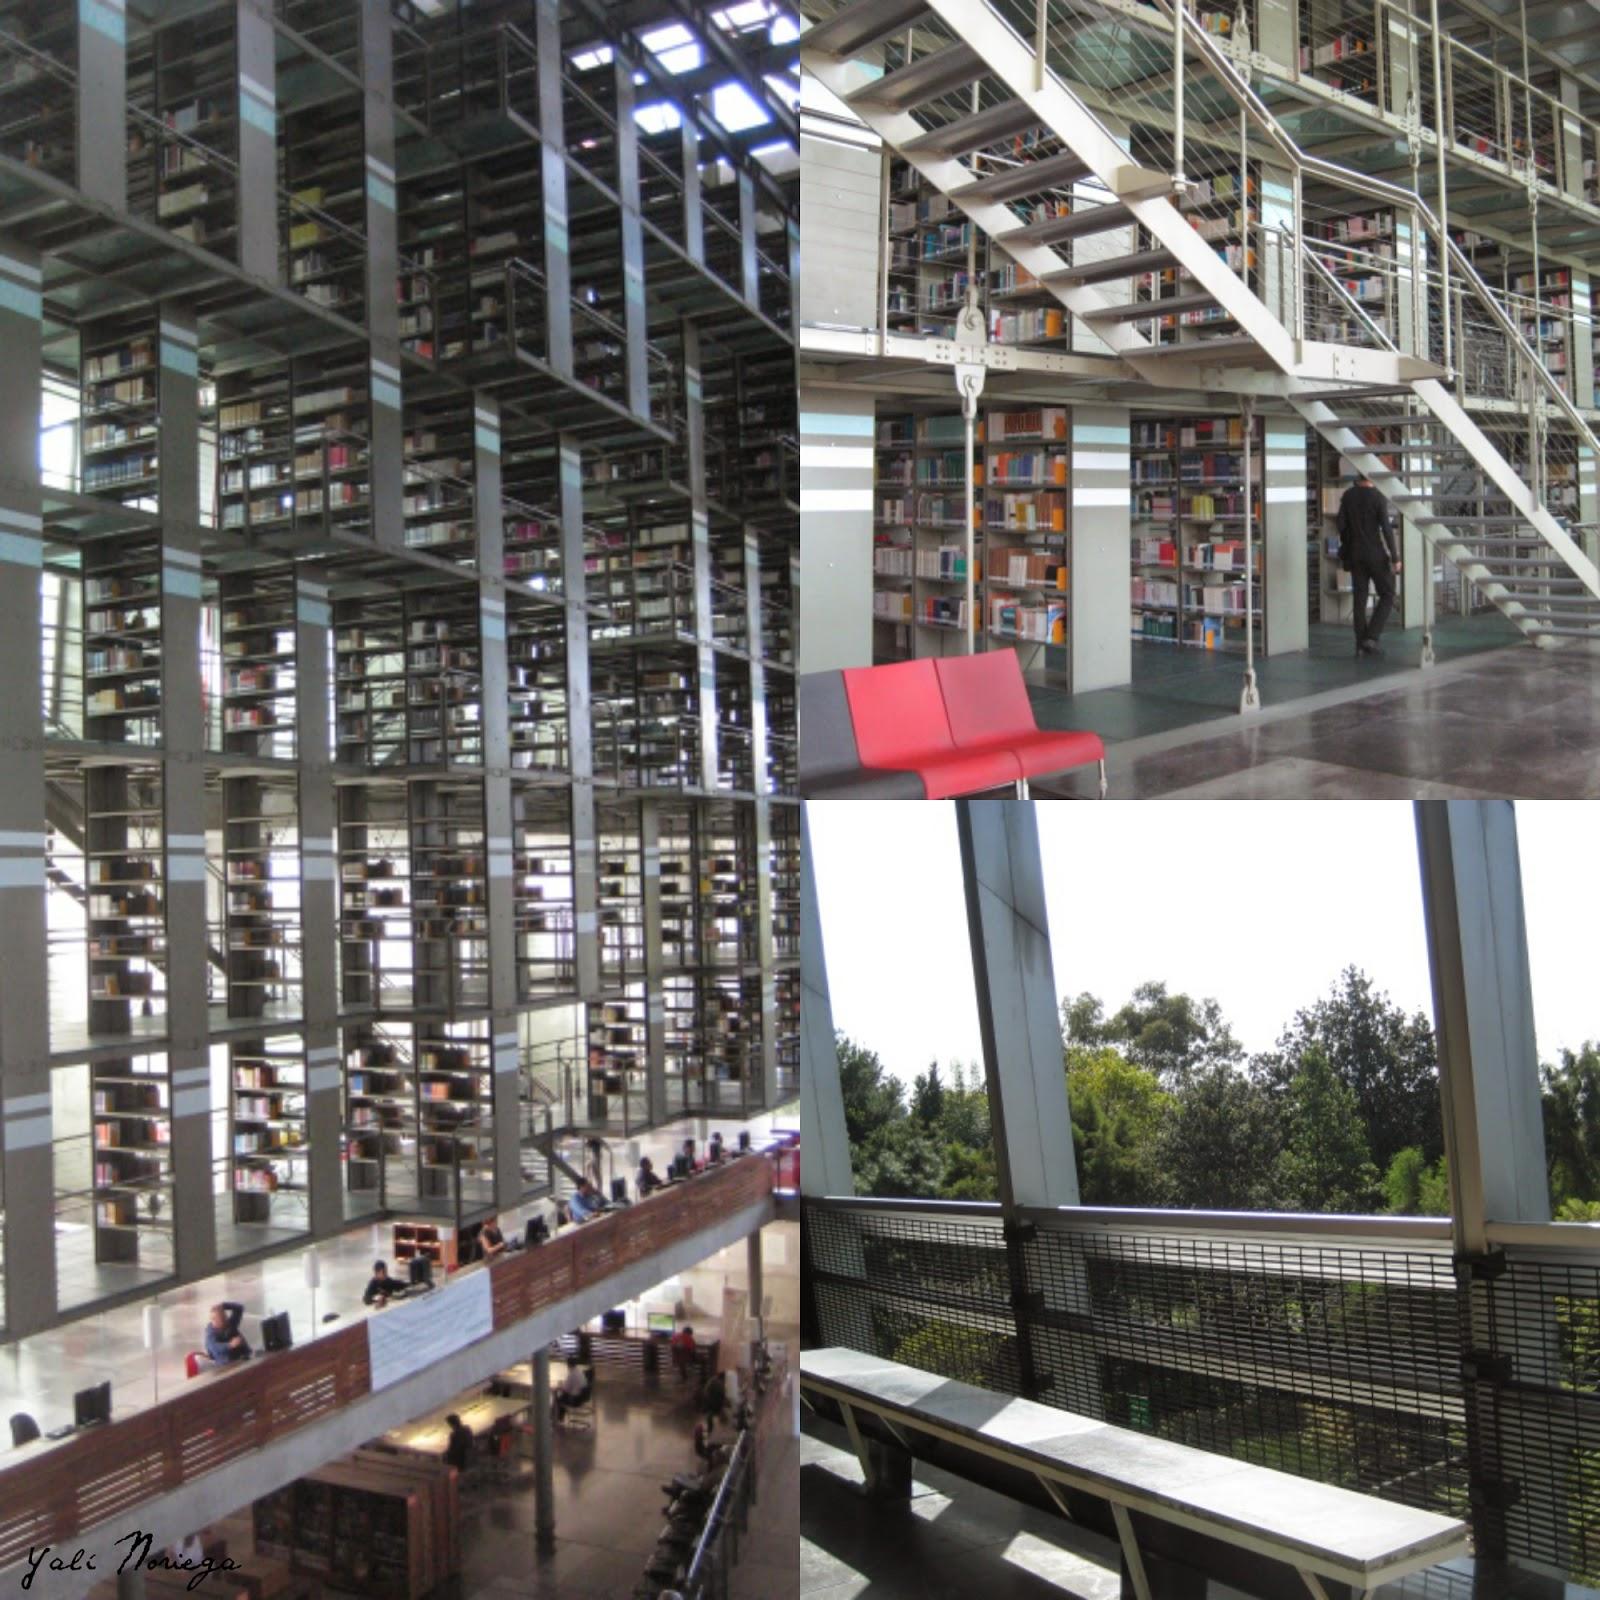 biblioteca josé vasconcelos méxico df